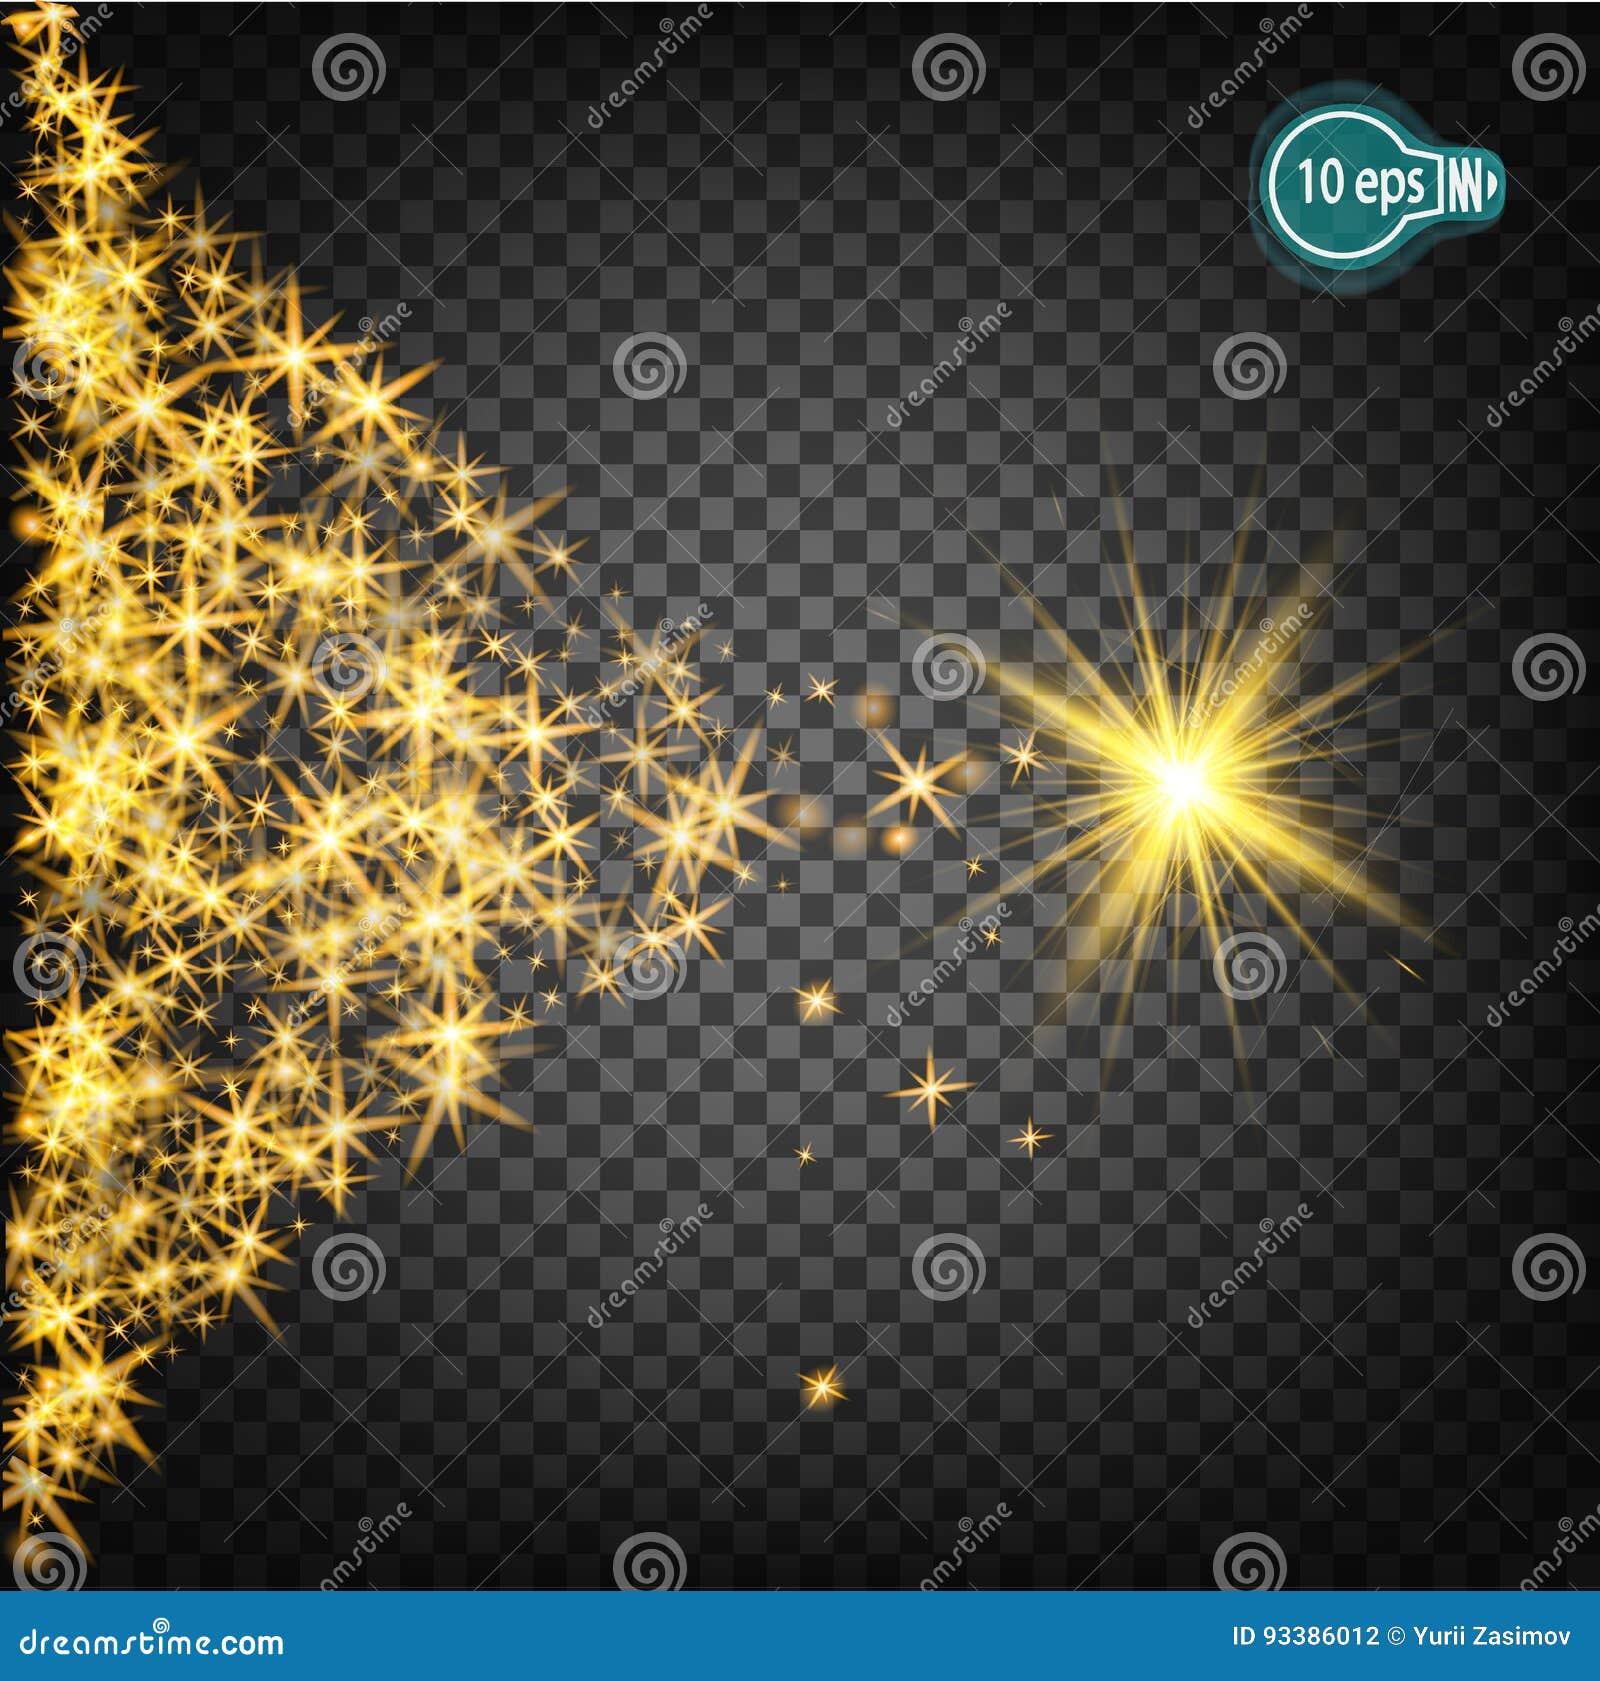 Stella Di Natale Luce.Magico Pilotare Una Stella Di Natale E Un Effetto Della Luce